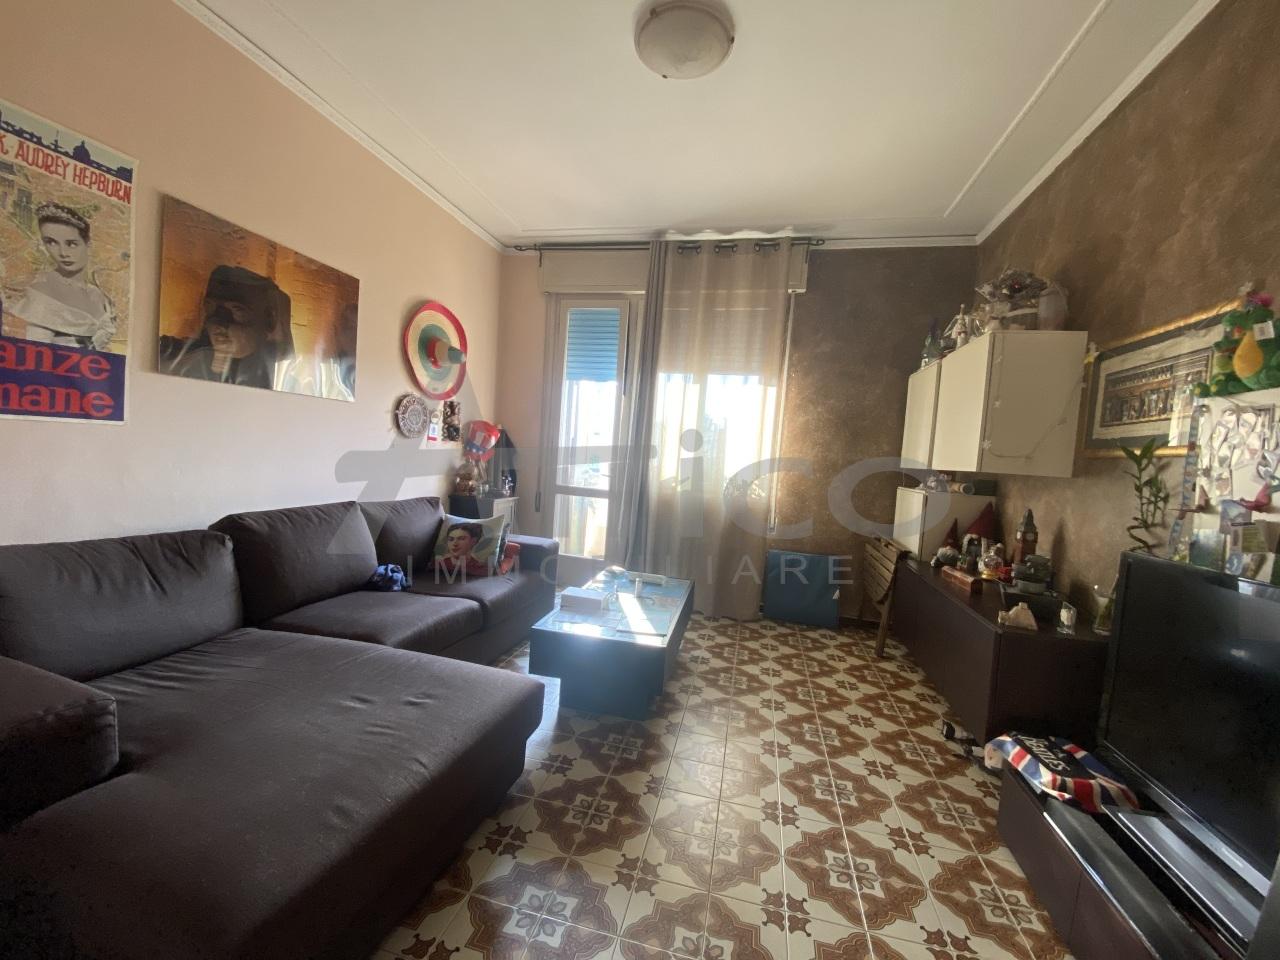 Appartamento in vendita a Rovigo, 5 locali, prezzo € 65.000 | PortaleAgenzieImmobiliari.it